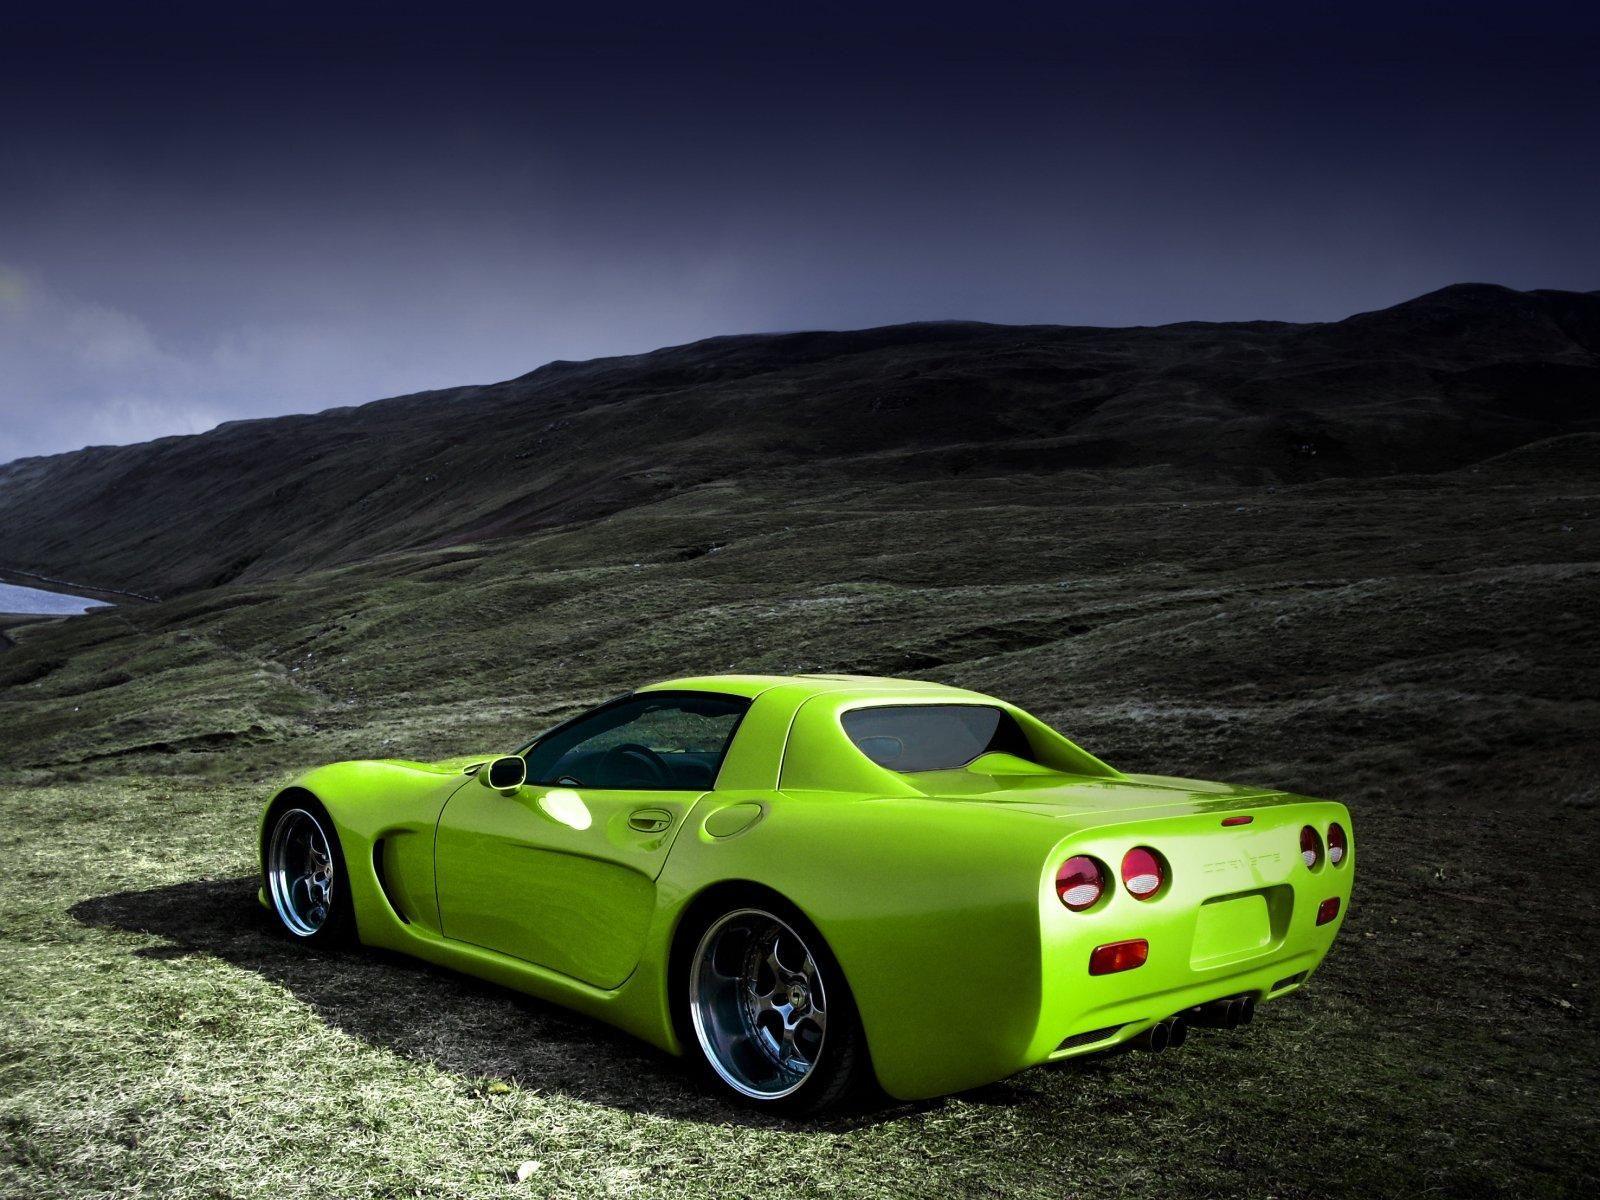 green corvette corvette c5greenwallpaperscars - Corvette C5 Logo Wallpaper